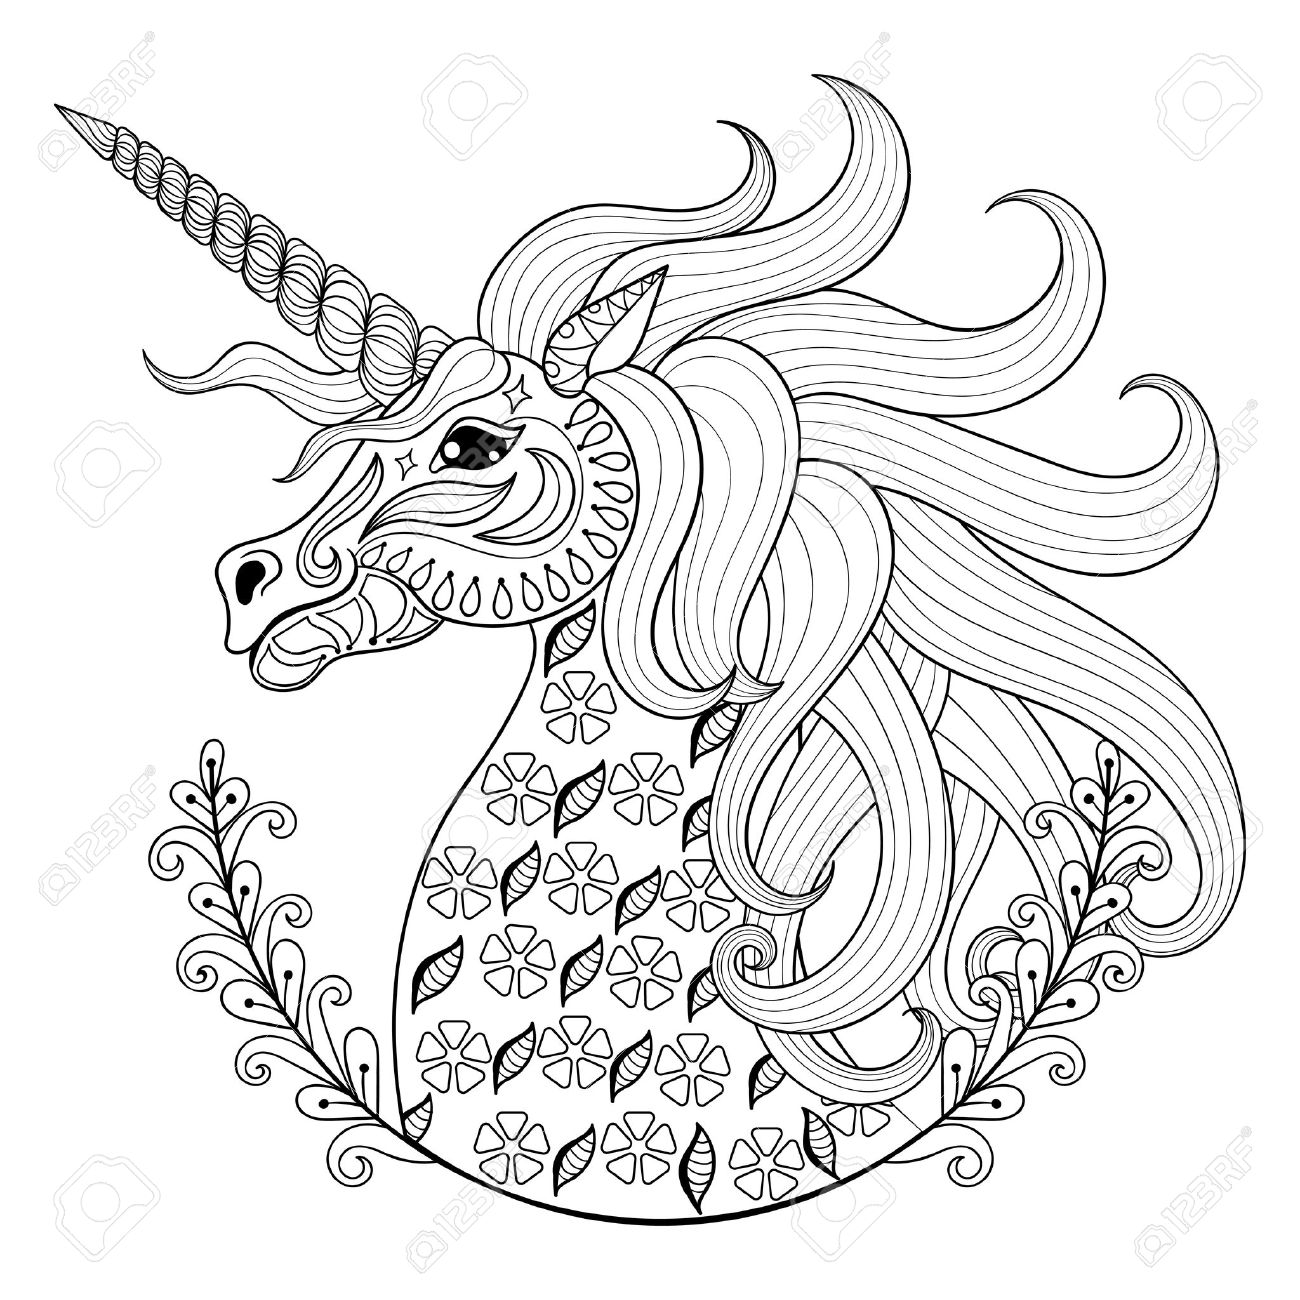 Gráfico De La Mano Del Unicornio Para Colorear Páginas Para Adultos ...